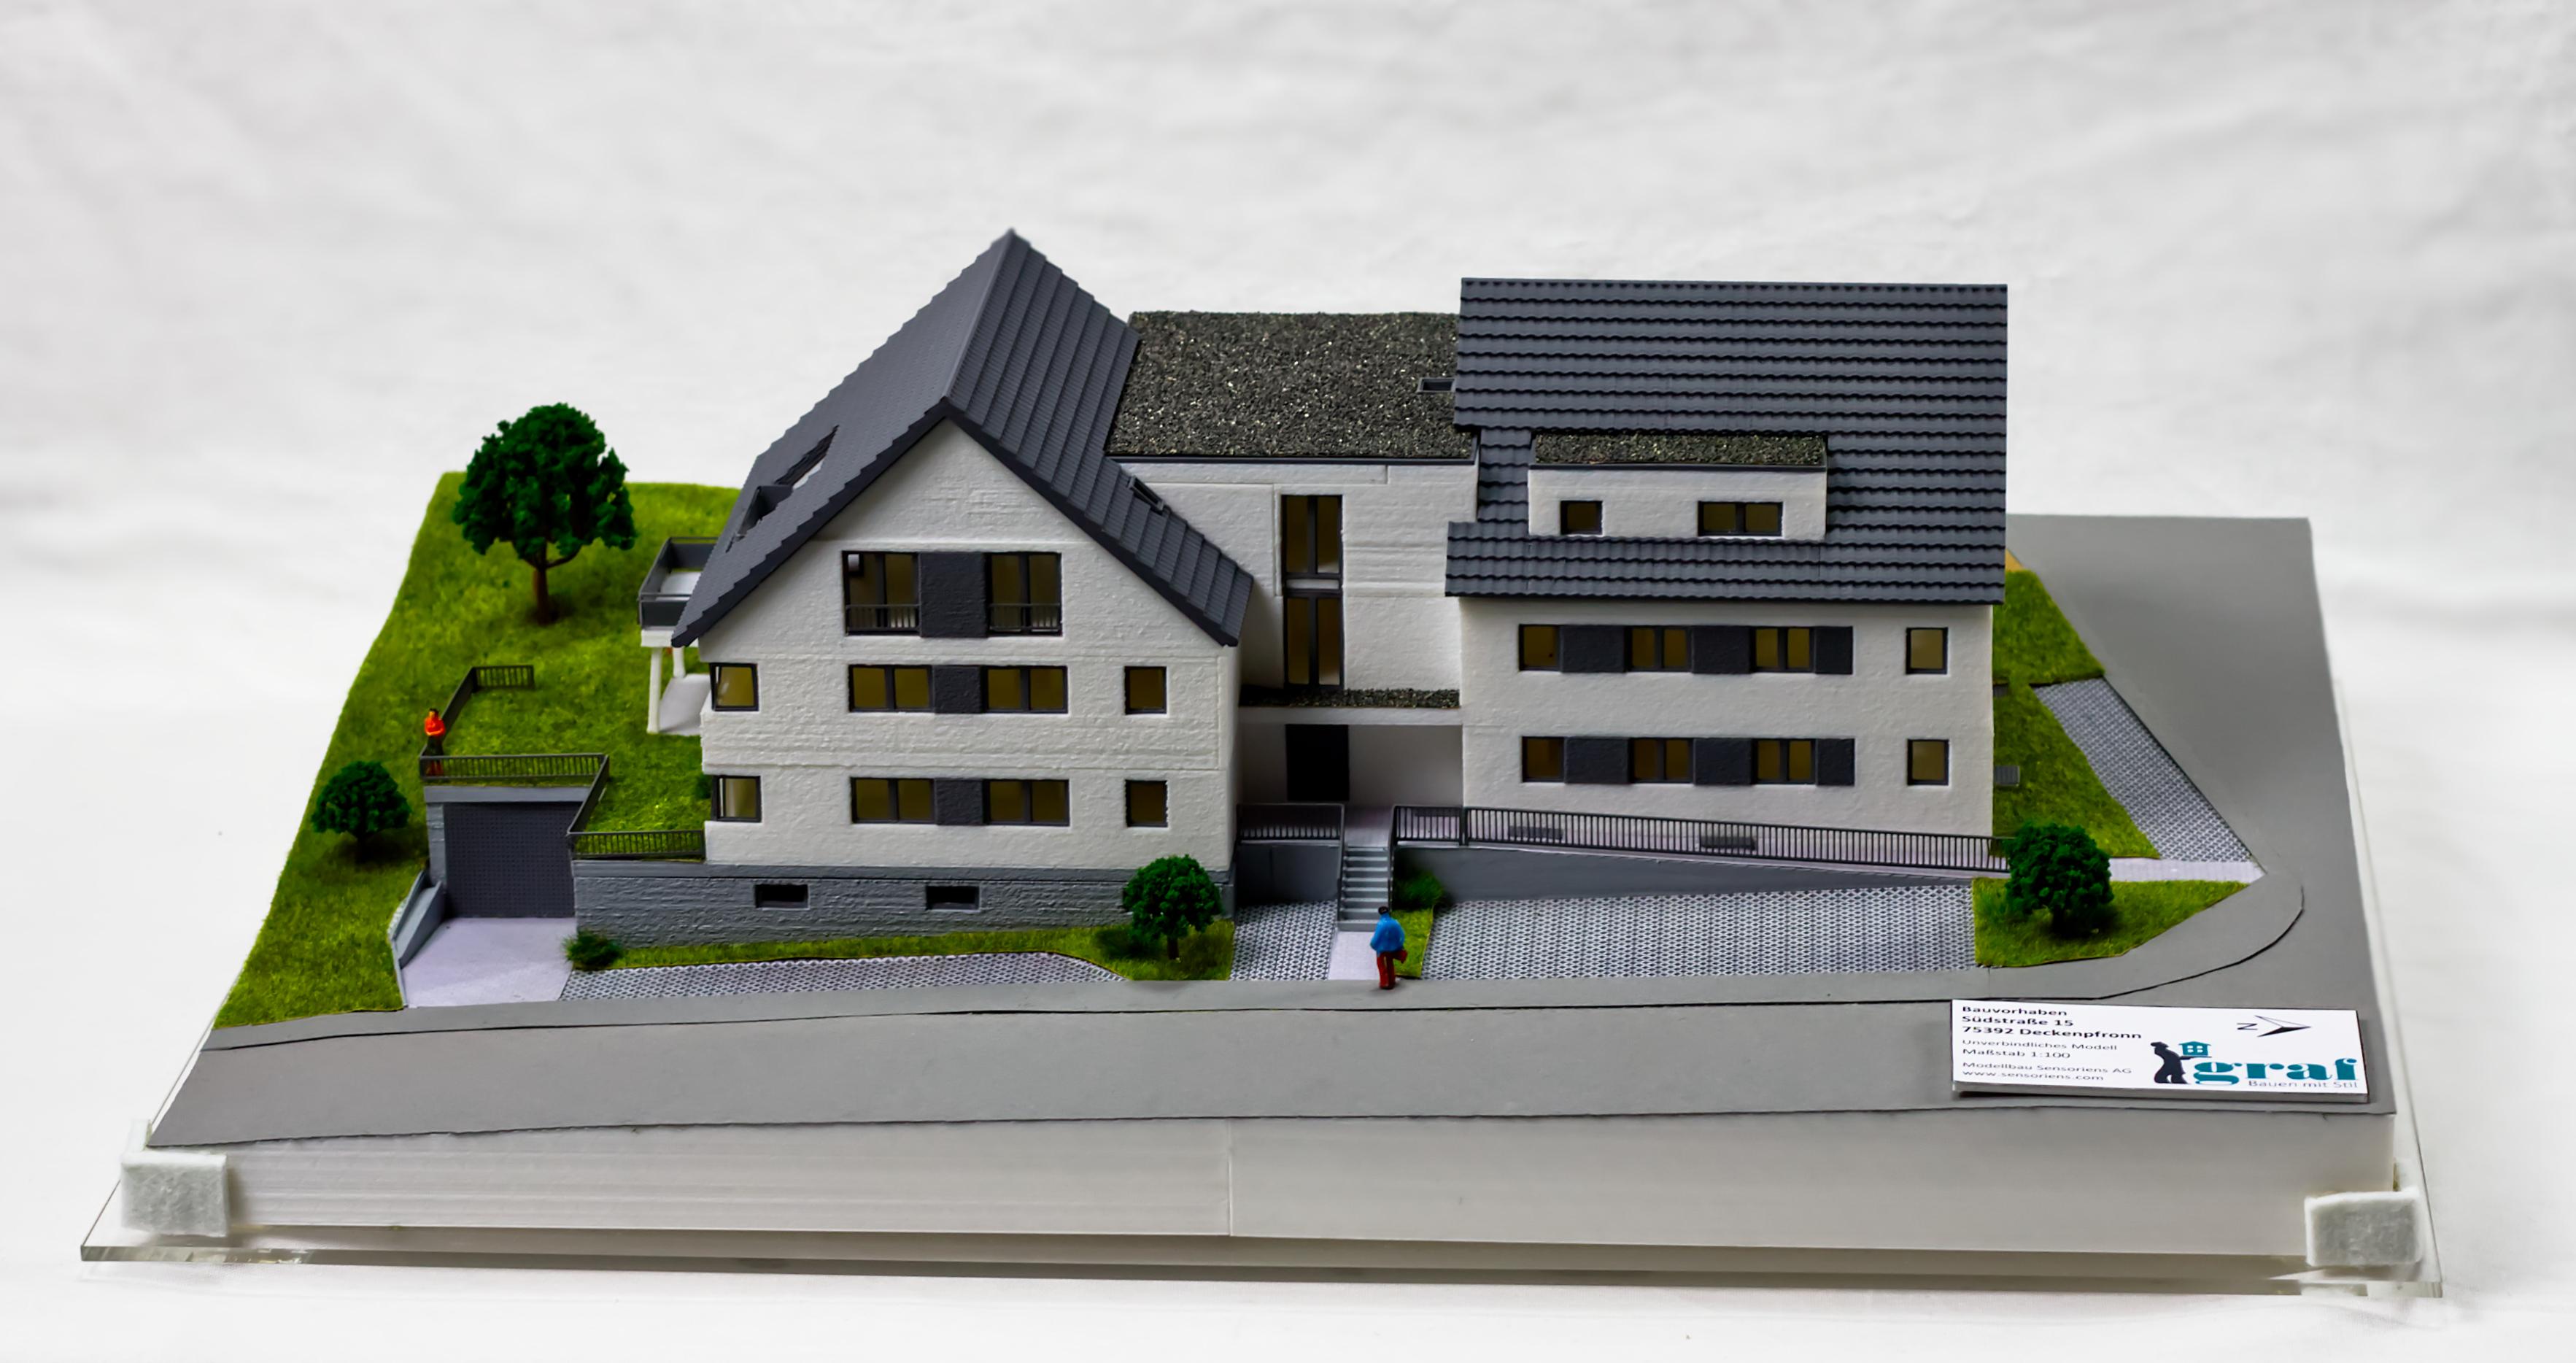 Graf Wohnbau 3